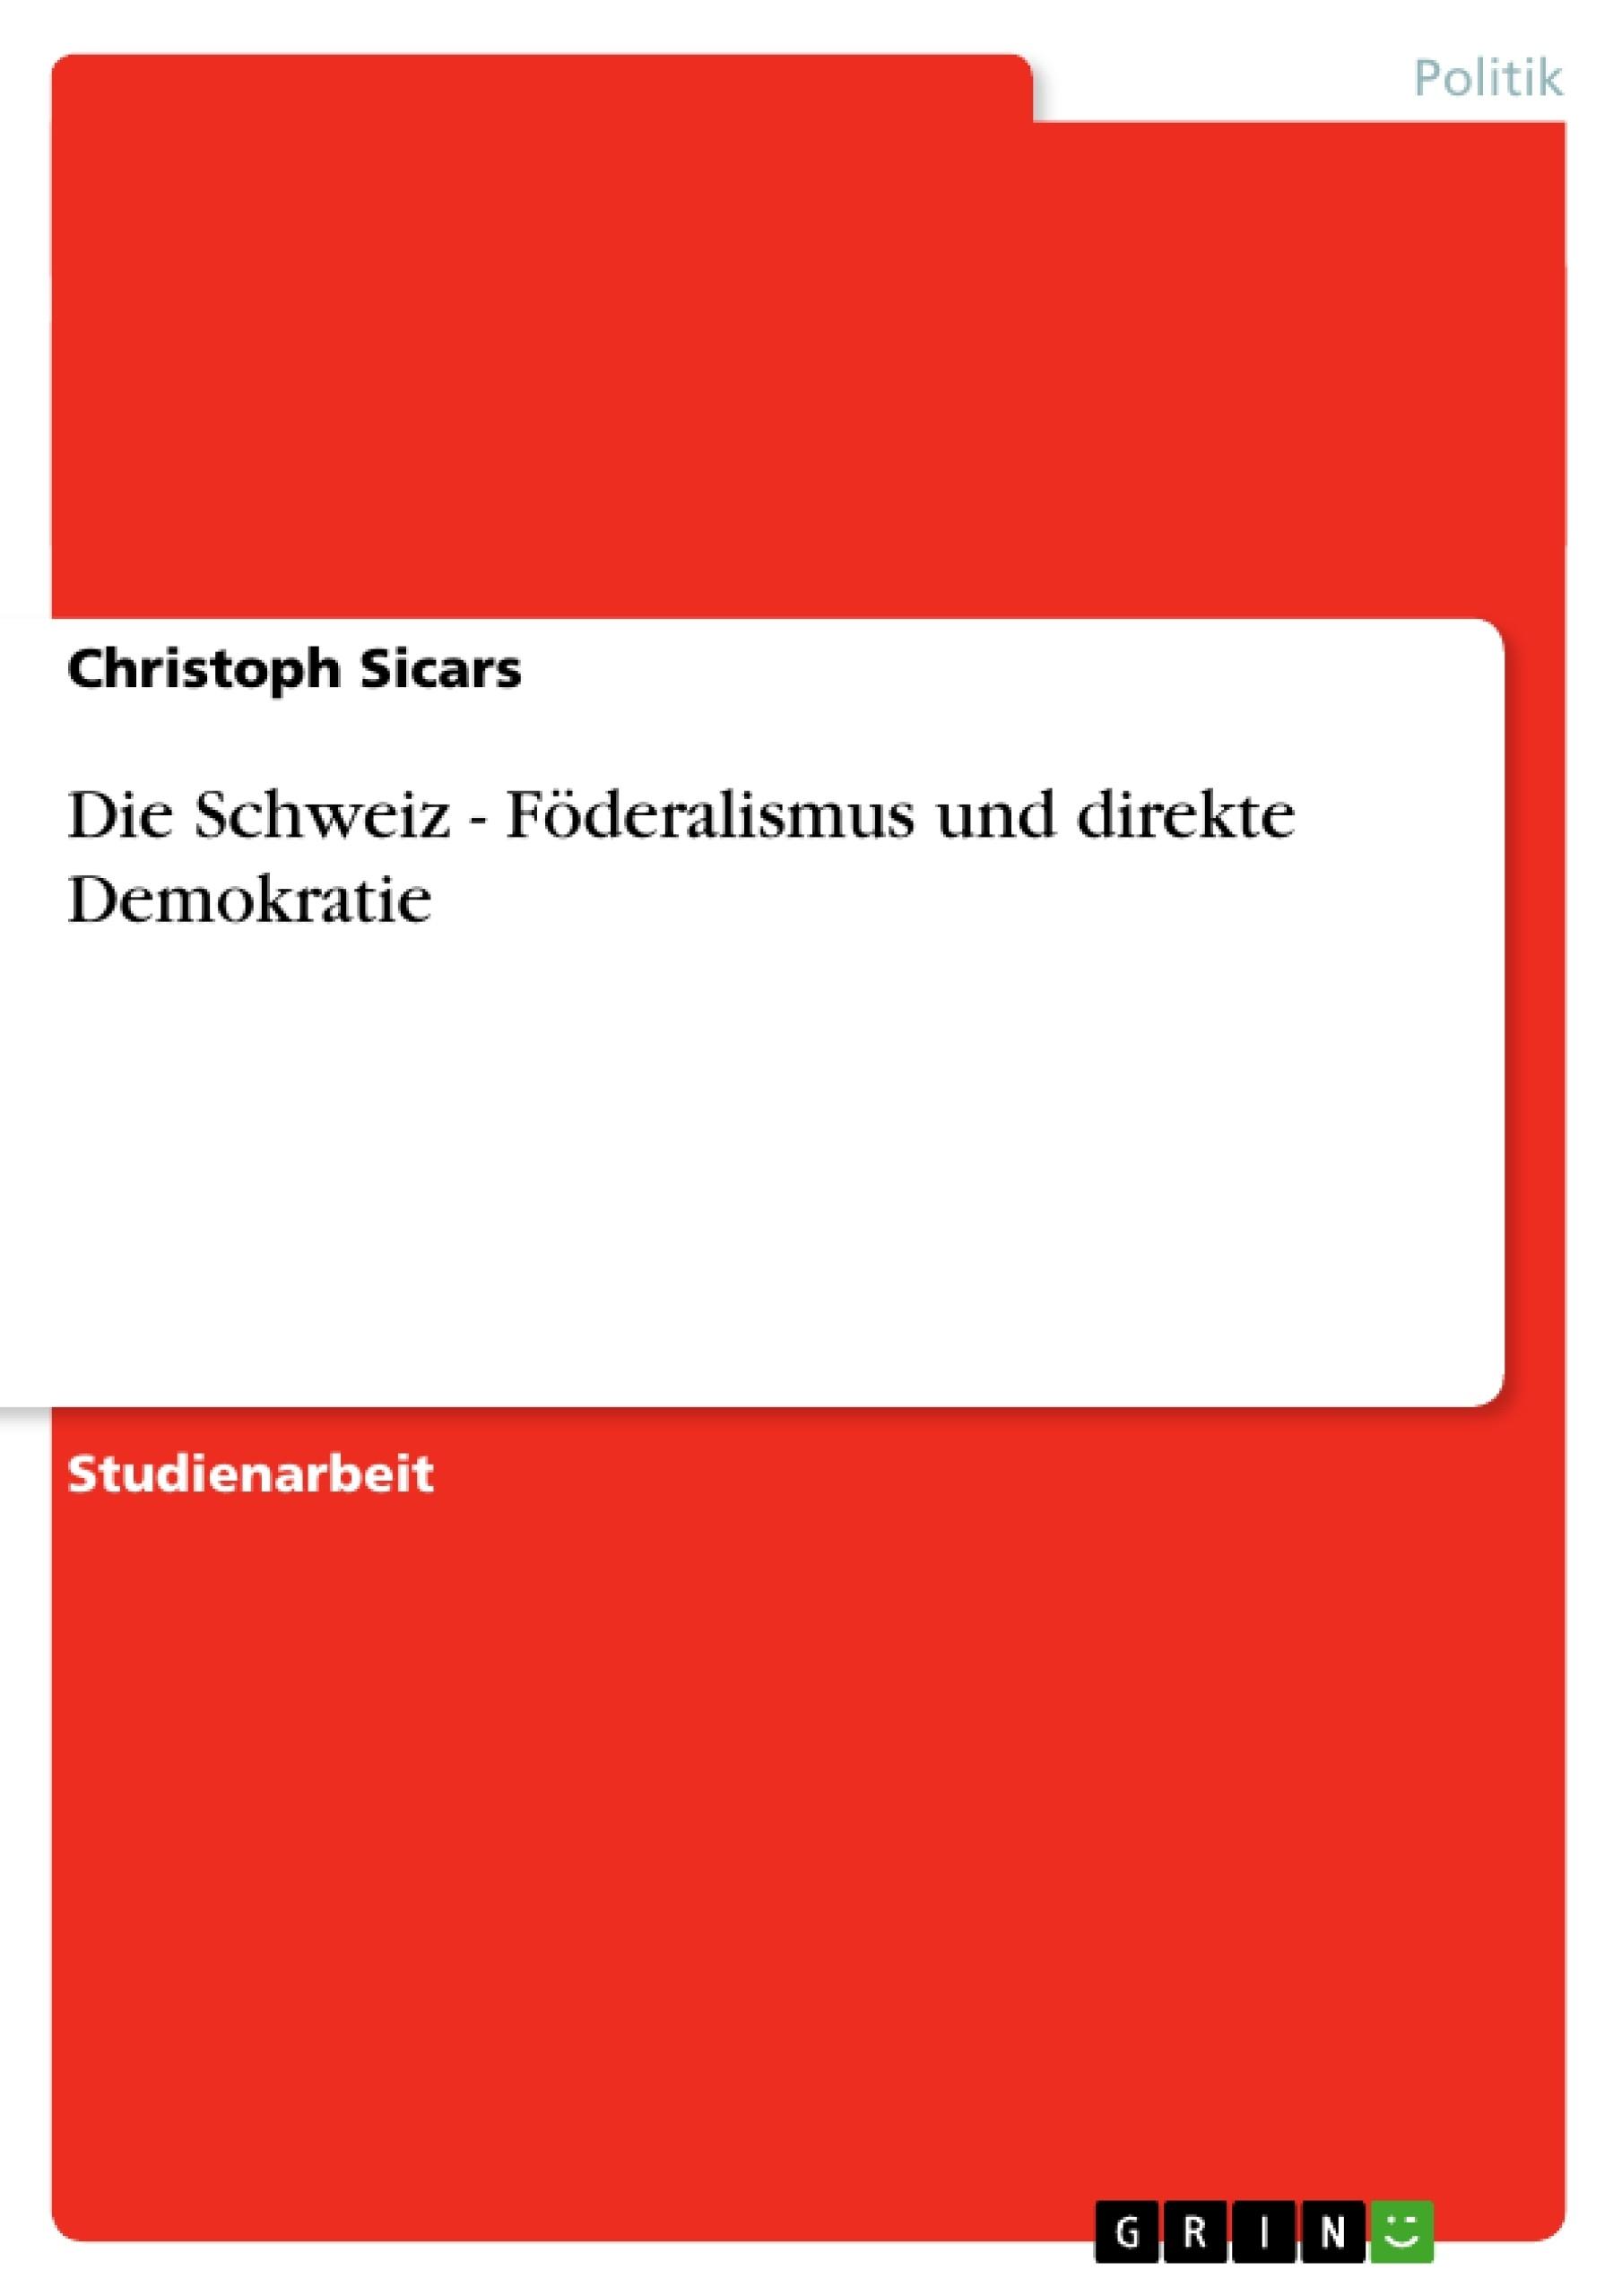 Titel: Die Schweiz - Föderalismus und direkte Demokratie